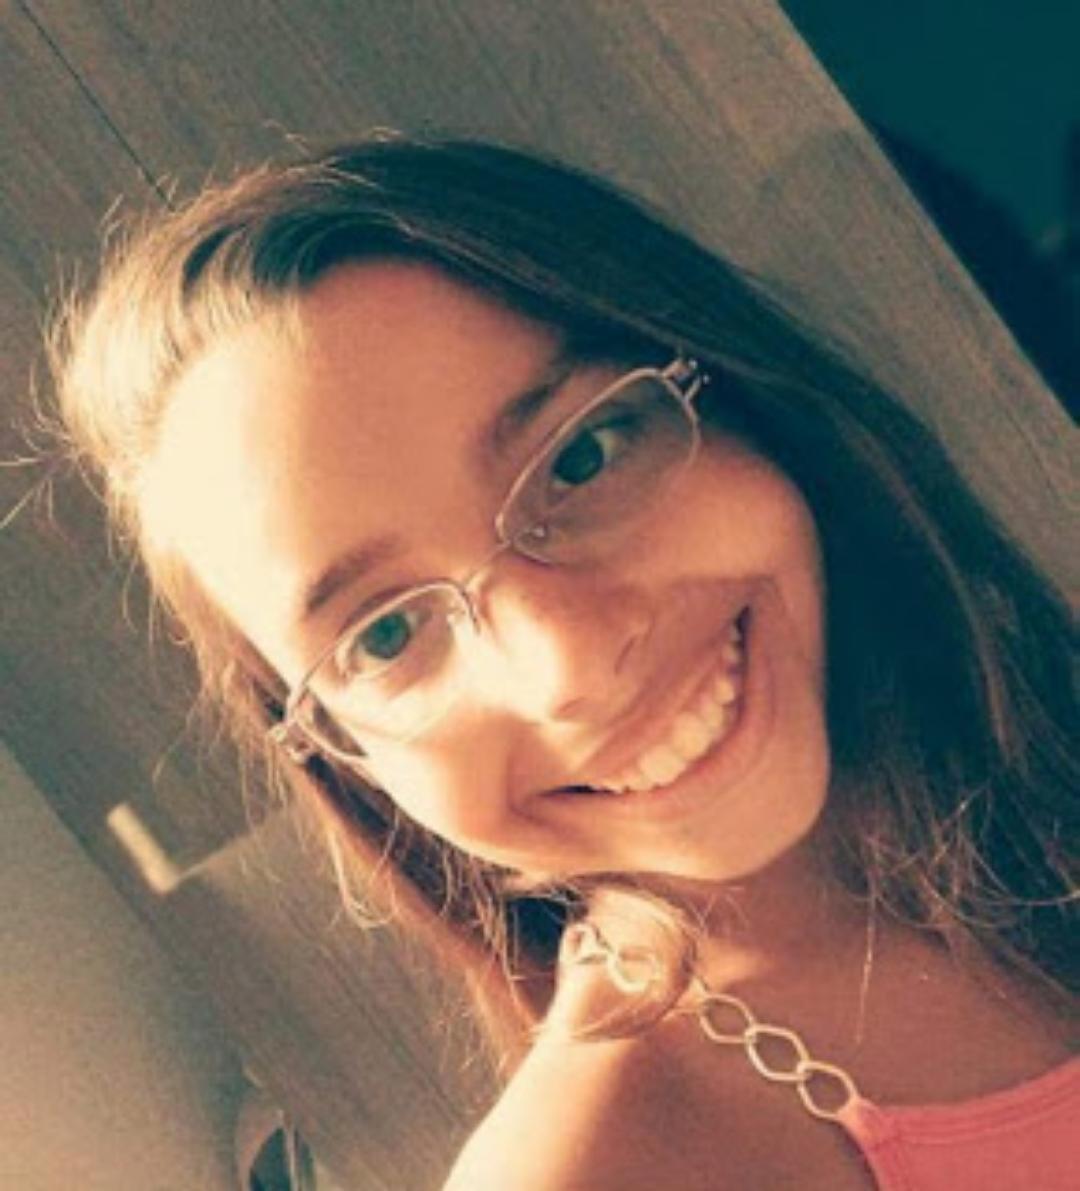 Menina morre após cair e bater a cabeça durante brincadeira na escola